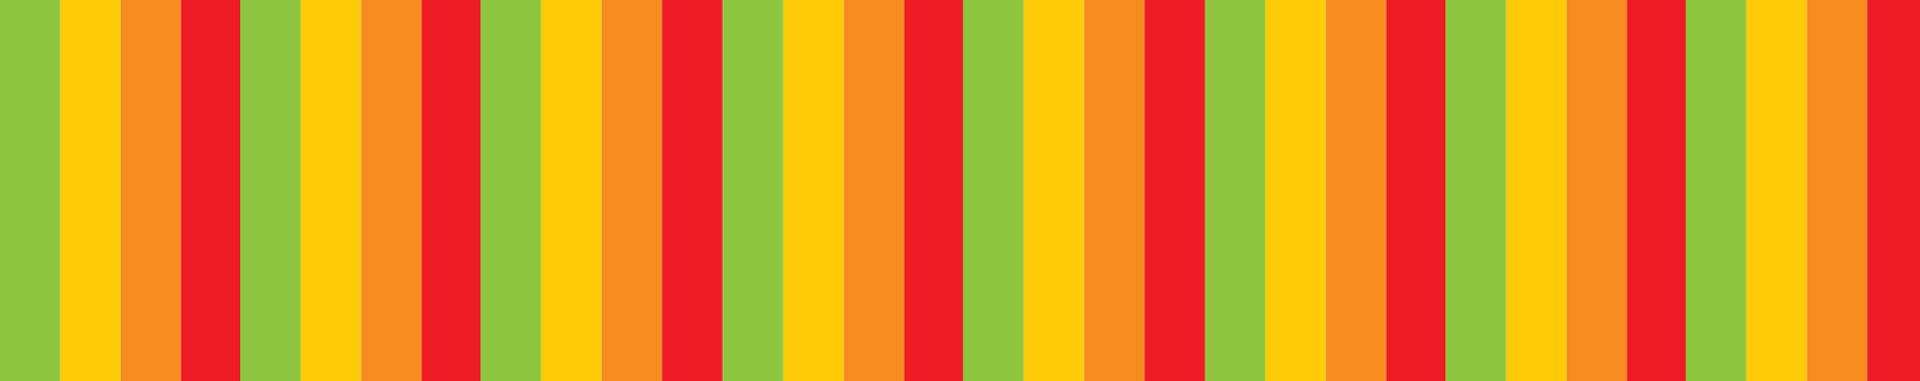 pegamento de contacto vl 2000 franja colores - VL 2000 | Pegamentos Industriales | Mexico